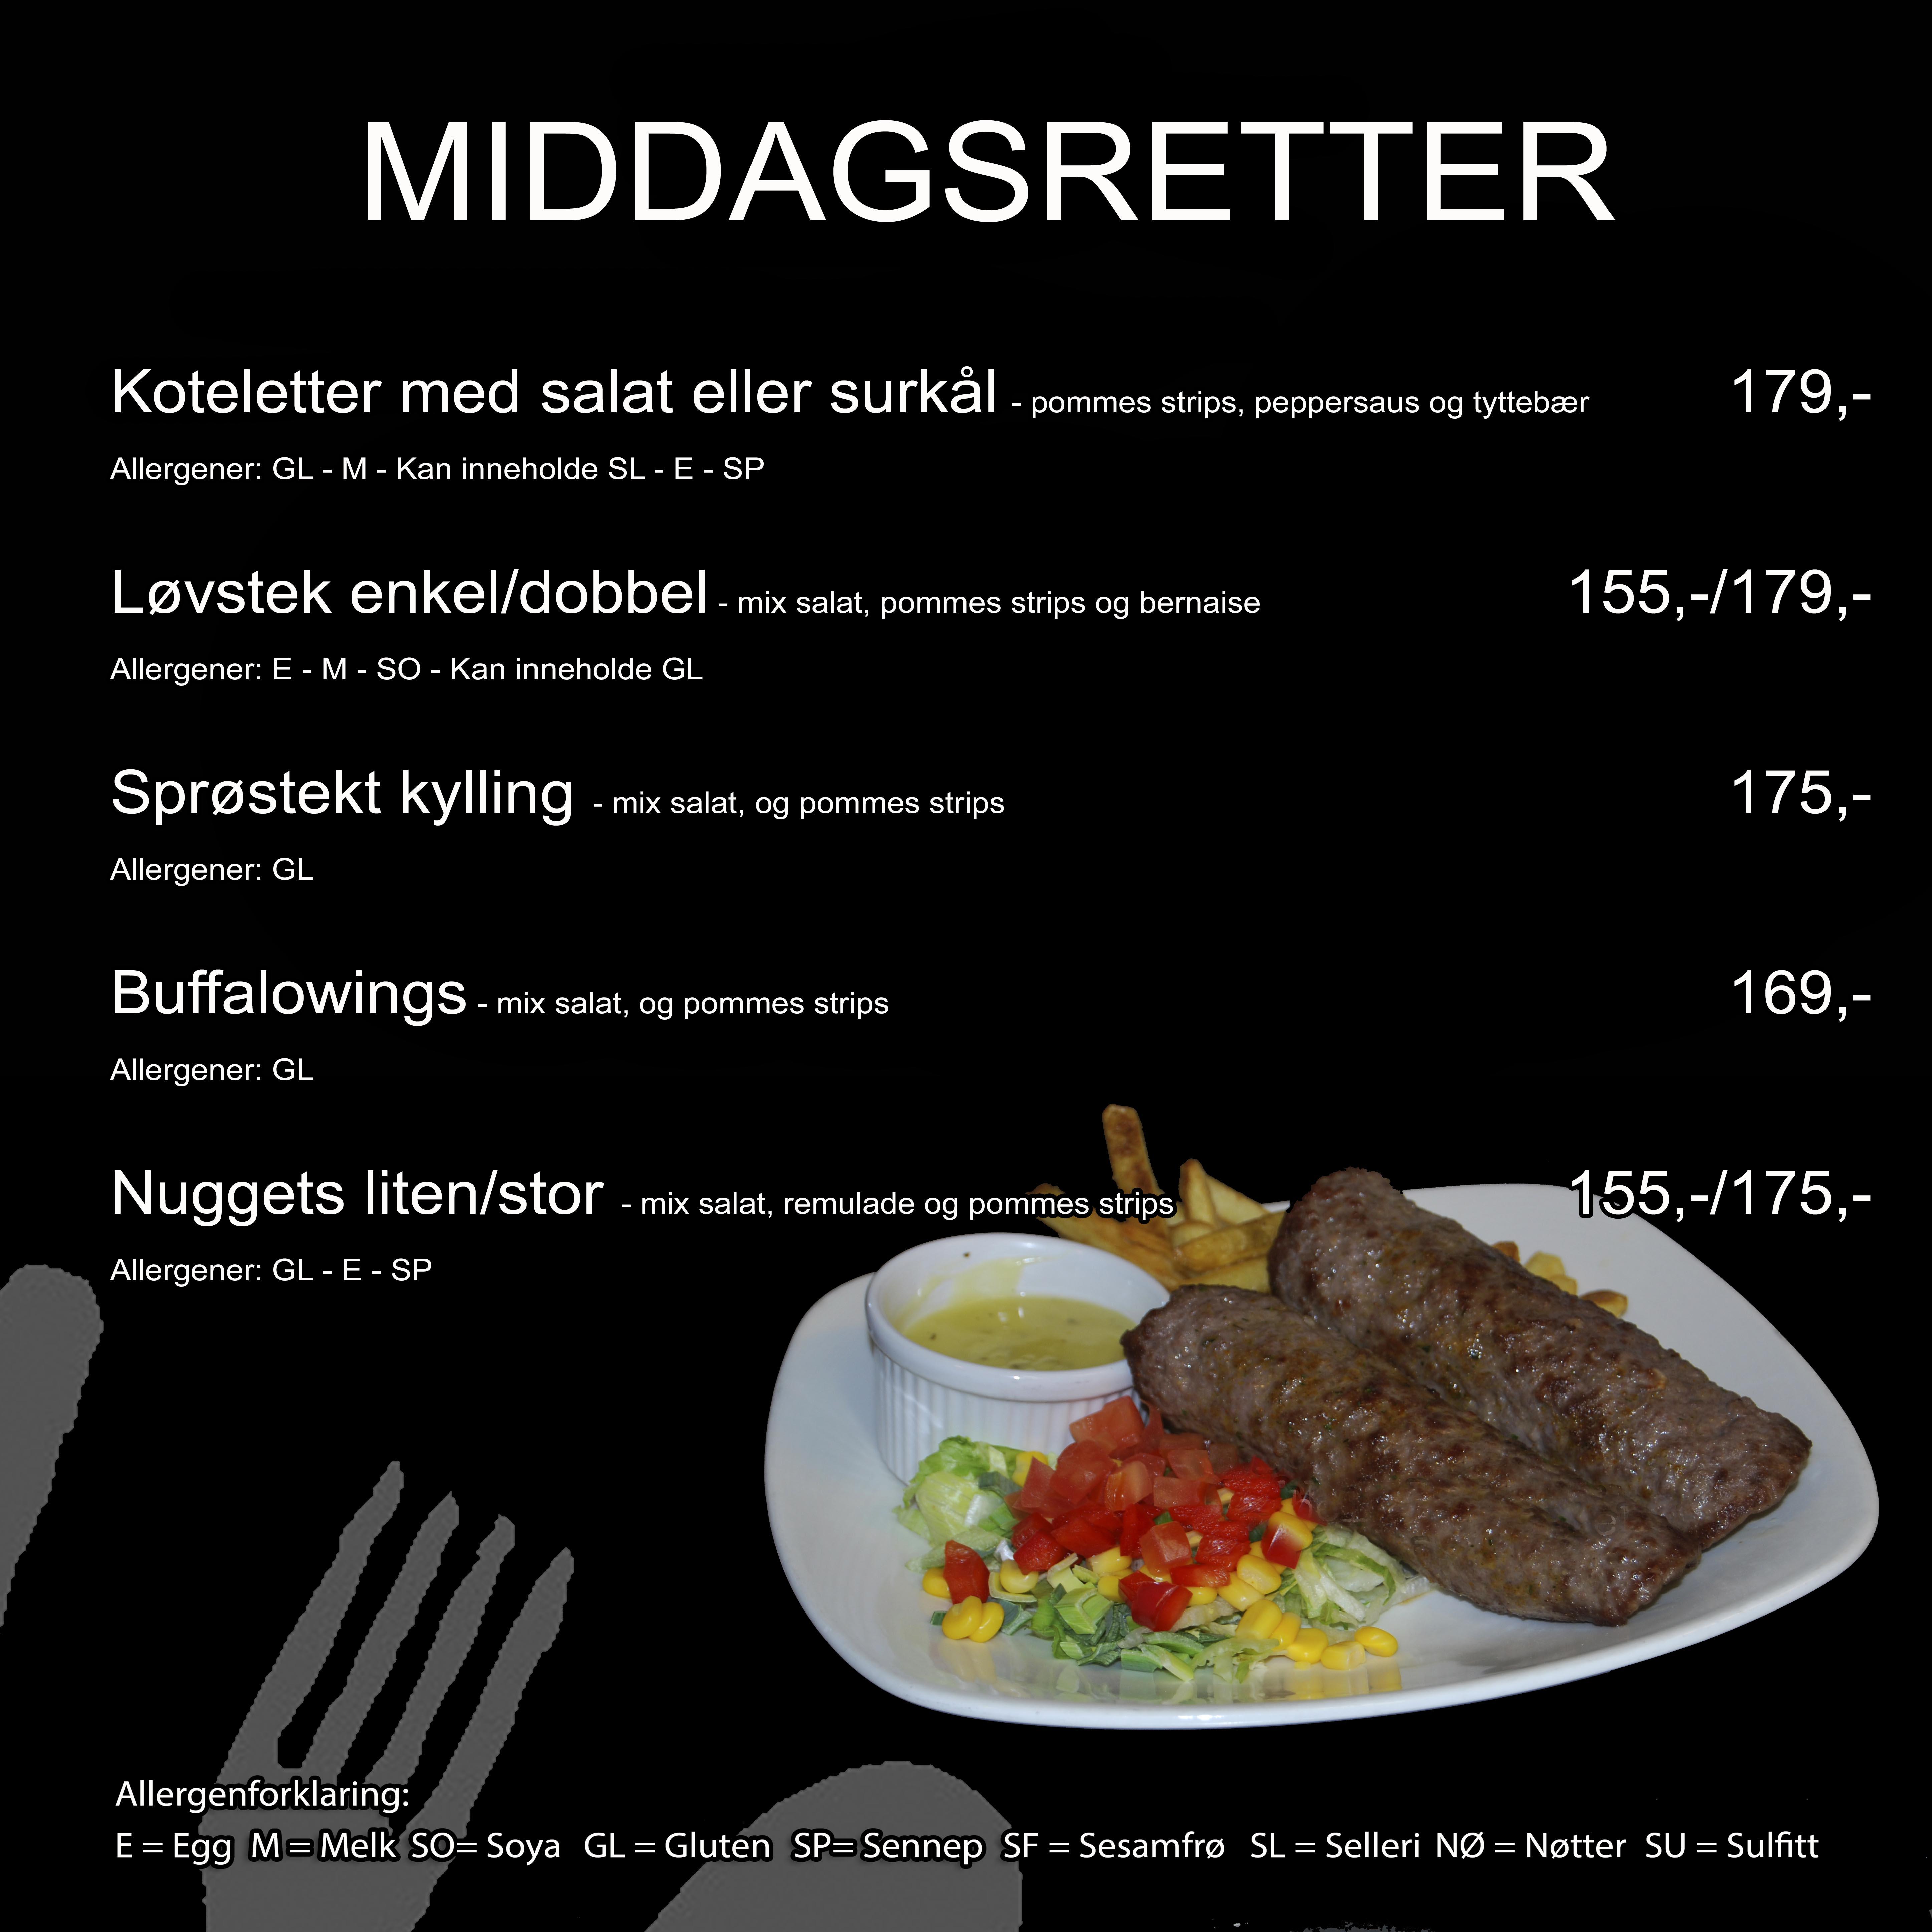 MIDDAGSRETTERpriser2-2021.jpg